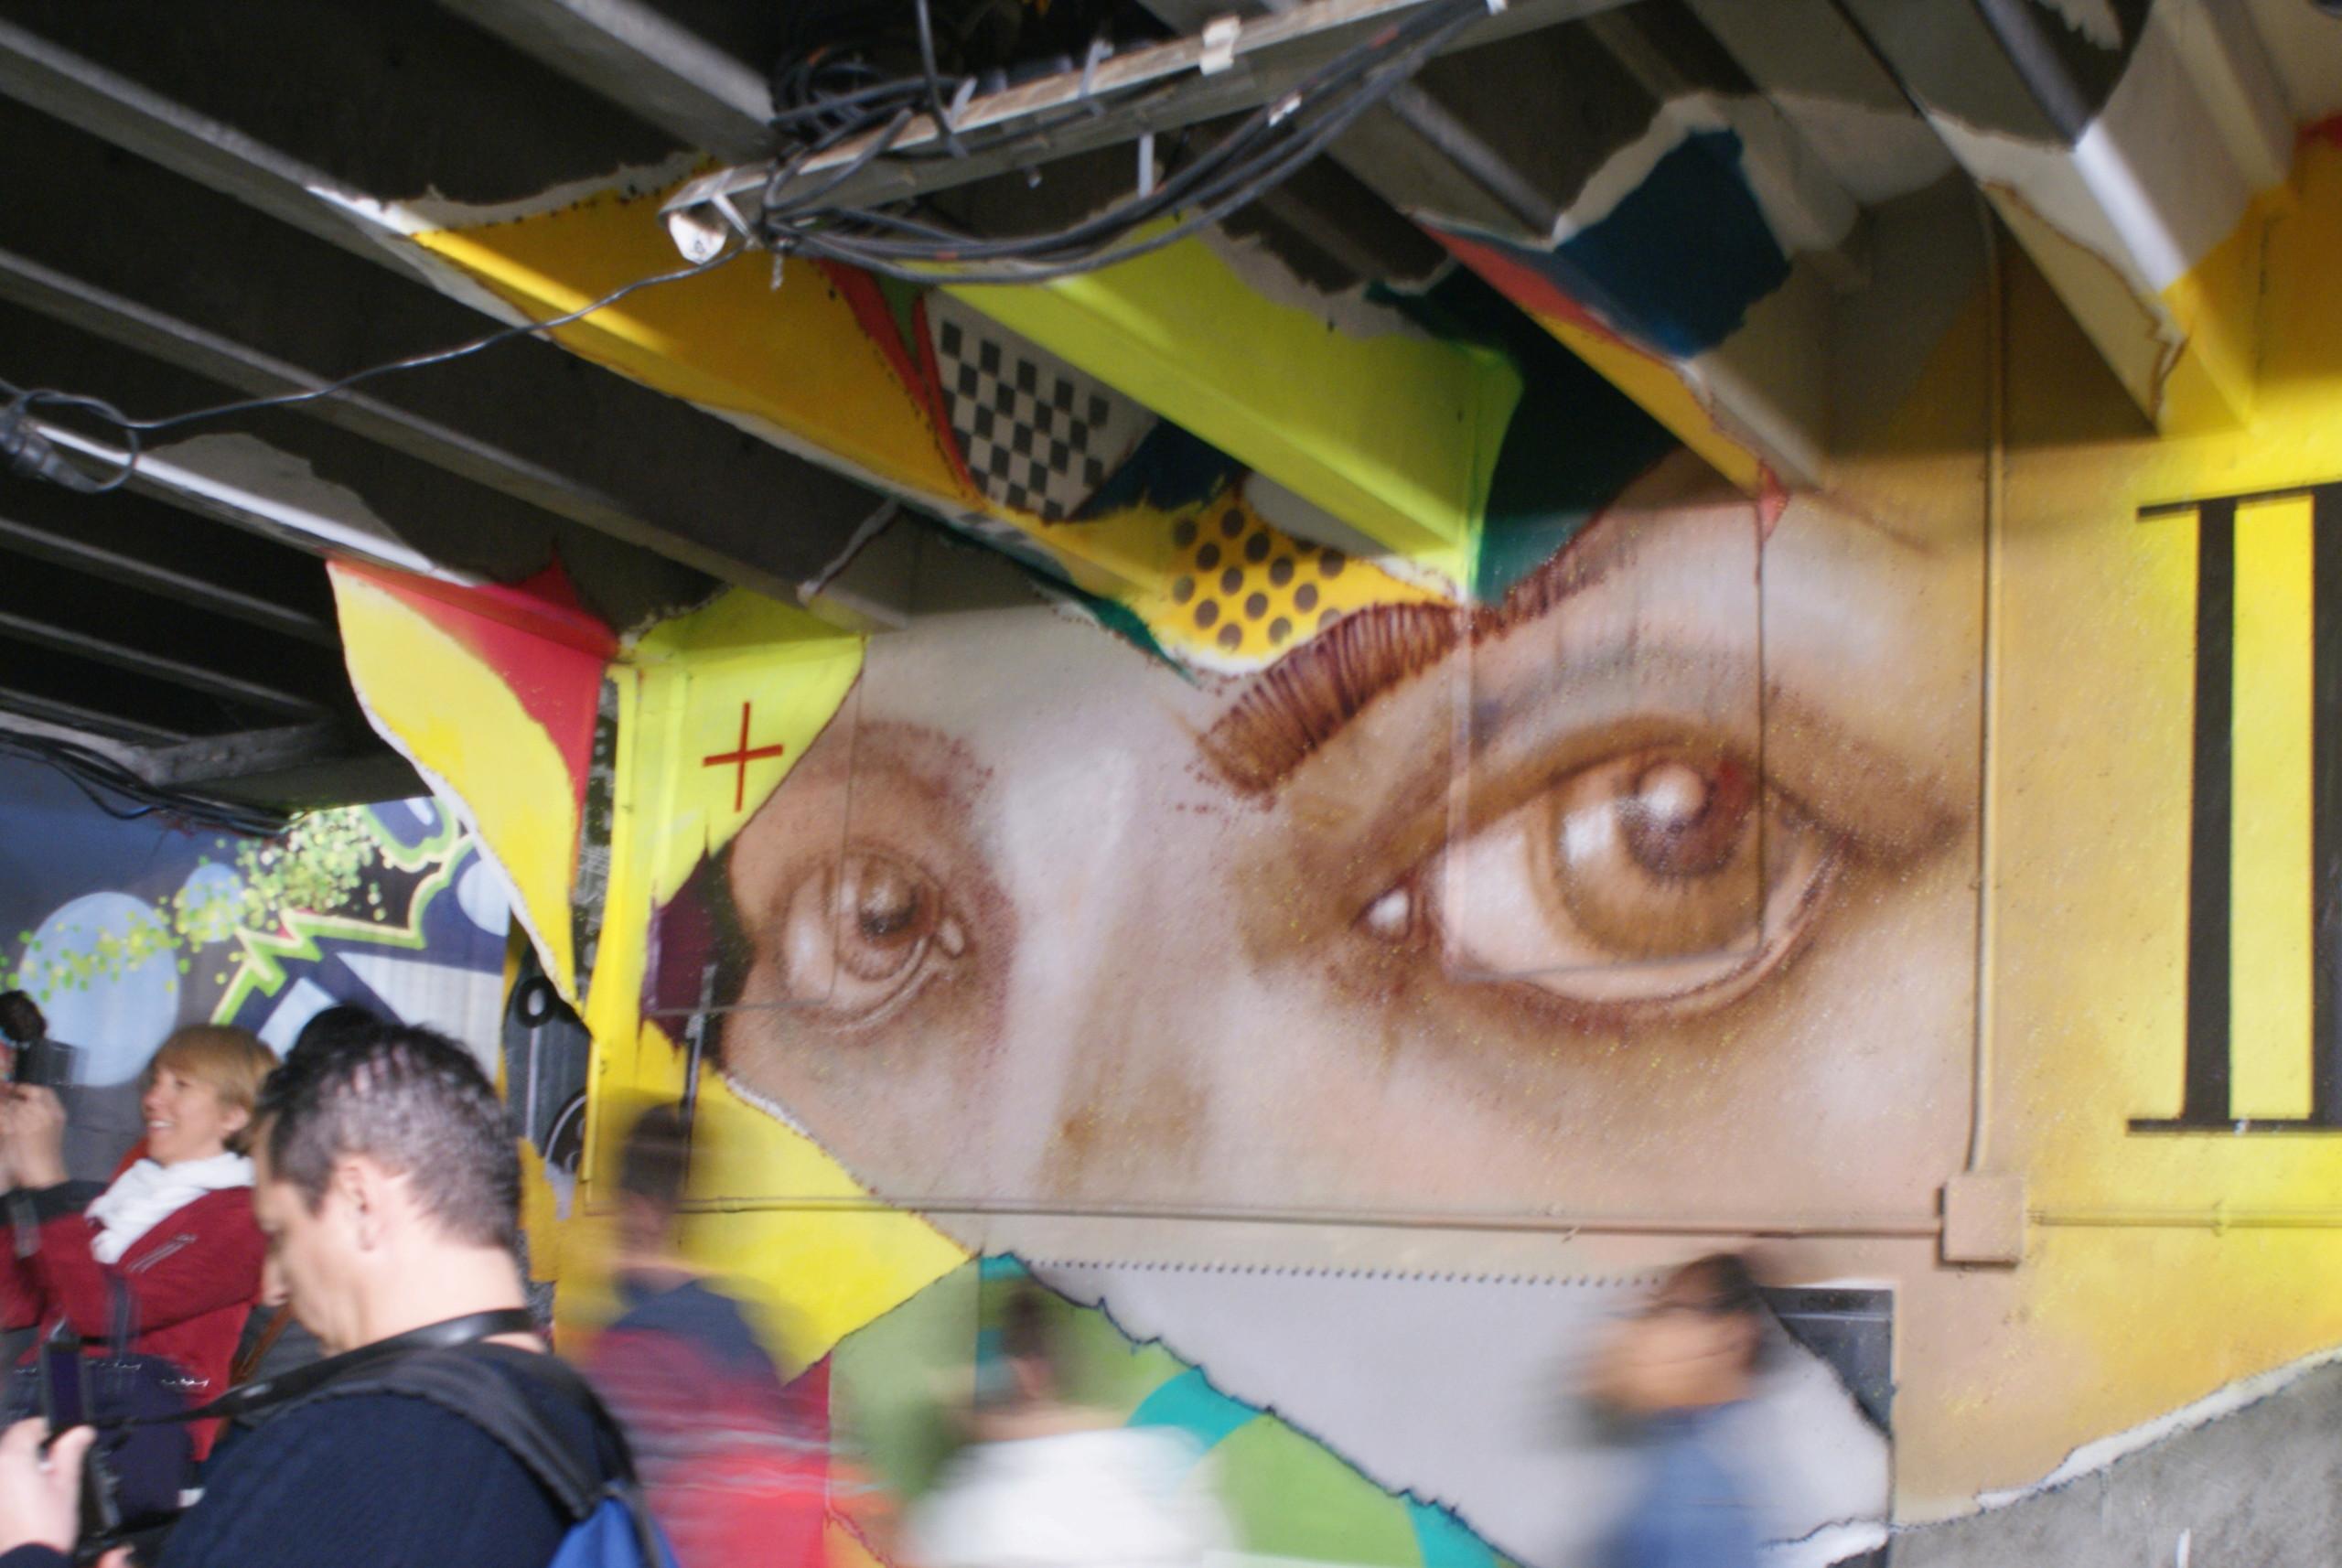 [street art-rue et manifs] Peinture fraîche, à Lyon 2019 et 2020 - Page 3 Dsc05135